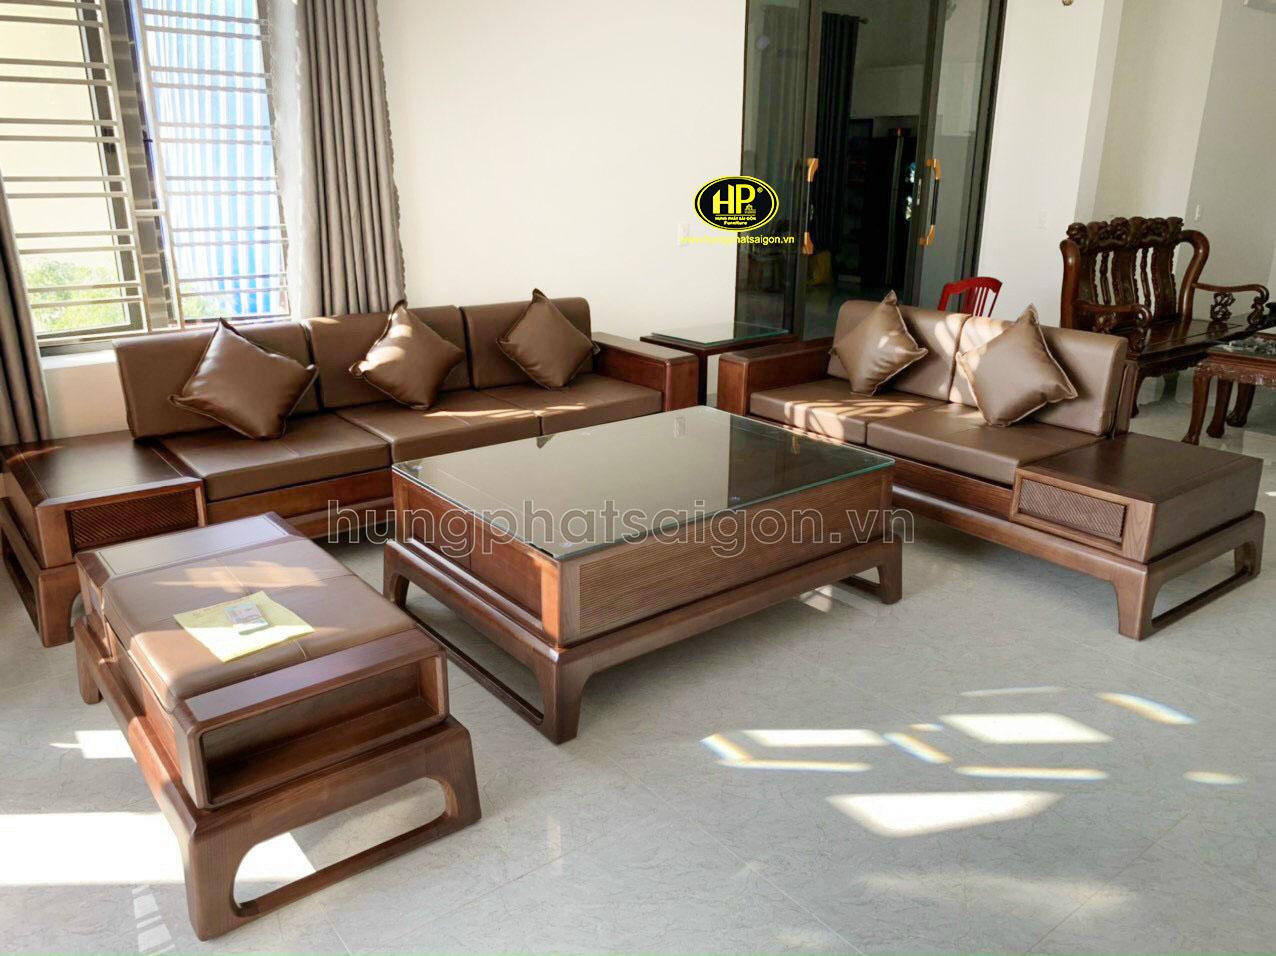 Ghế sofa gỗ sồi sang trọng HS-19